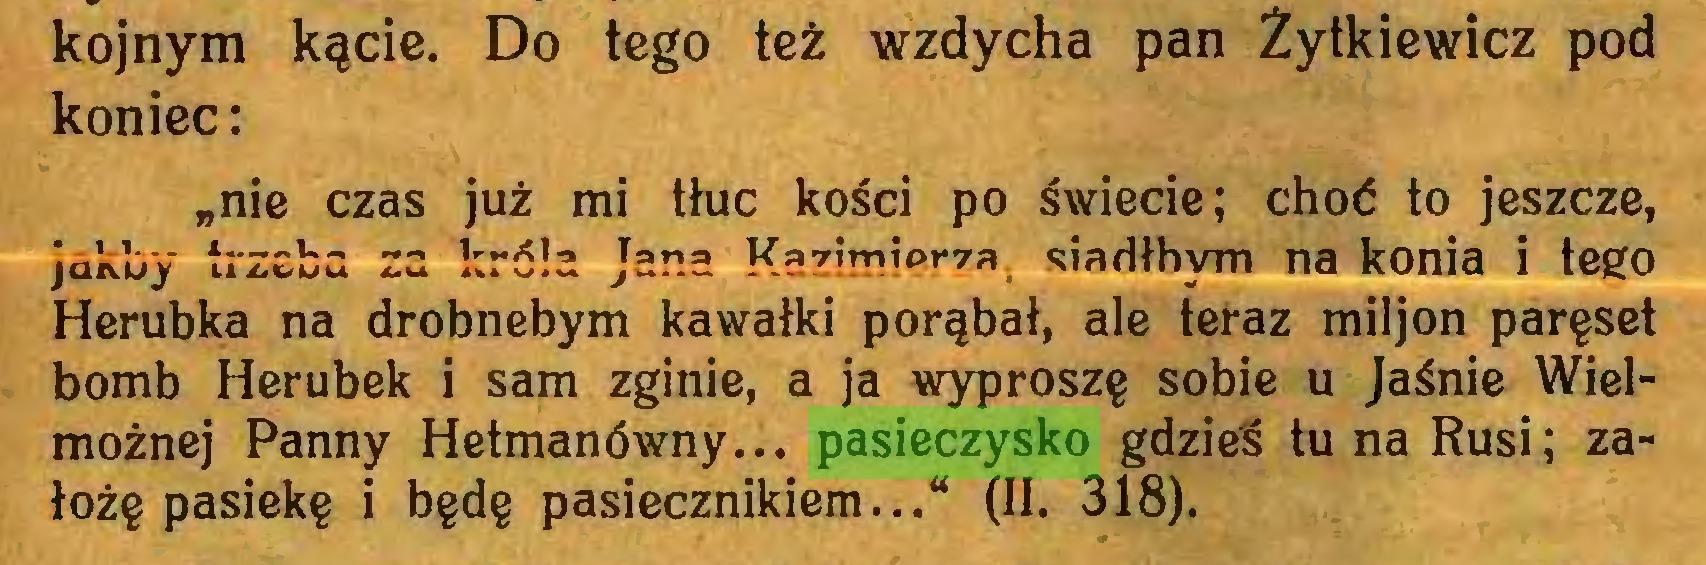 """(...) kojnym kącie. Do tego też wzdycha pan Żytkiewicz pod koniec: """"nie czas już mi tłuc kości po świecie; choć to jeszcze, jakby trzeba za króla Jana Kazimierza, siadłbym na konia i tego Herubka na drobnebym kawałki porąbał, ale teraz miljon paręset bomb Herubek i sam zginie, a ja wyproszę sobie u Jaśnie Wielmożnej Panny Hetmanówny... pasieczysko gdzieś tu na Rusi; założę pasiekę i będę pasiecznikiem..."""" (II. 318)..."""